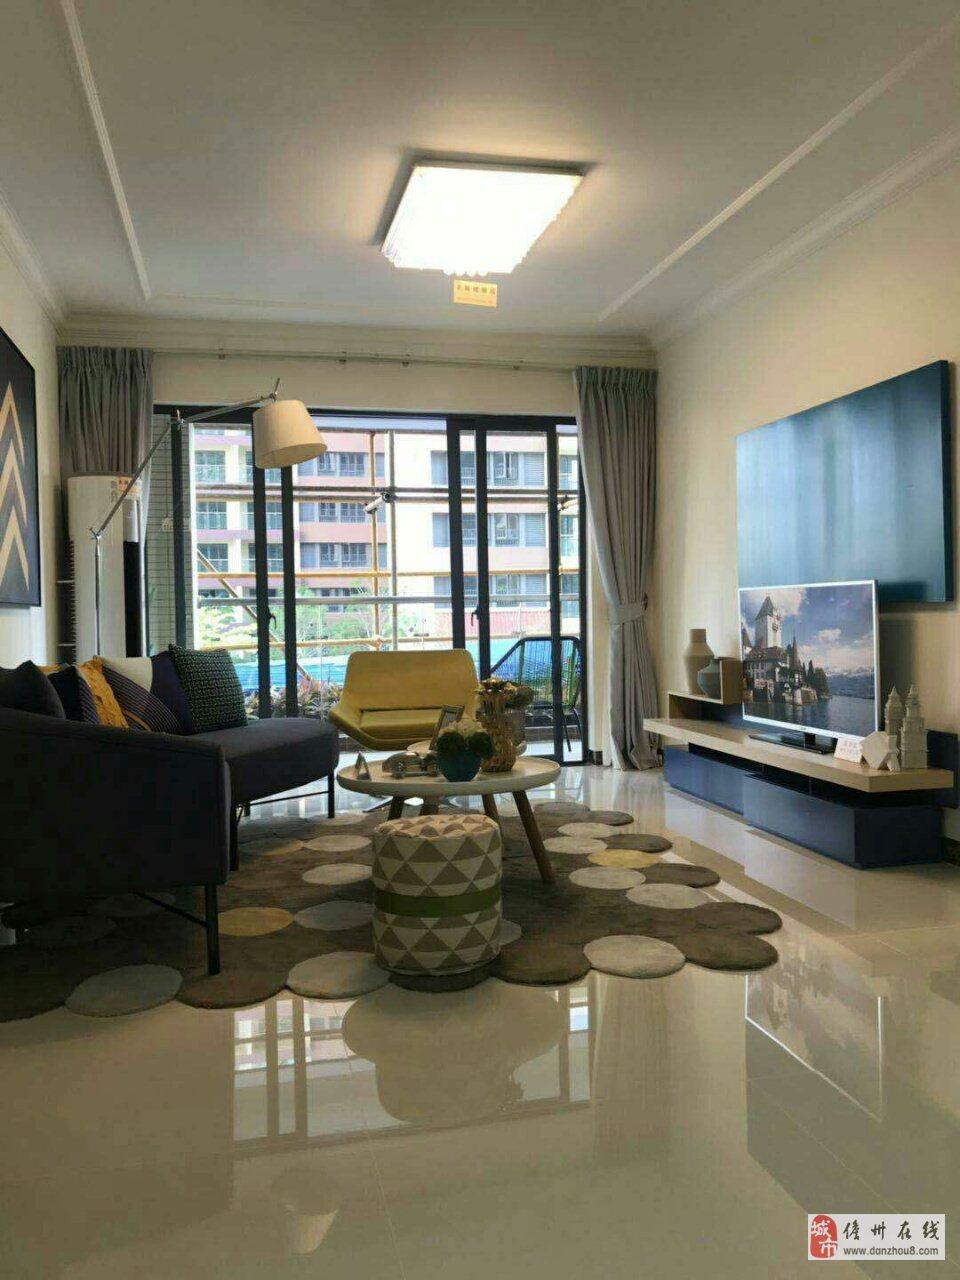 海逸豪苑89万元那大核心区域,区域内价格偏低